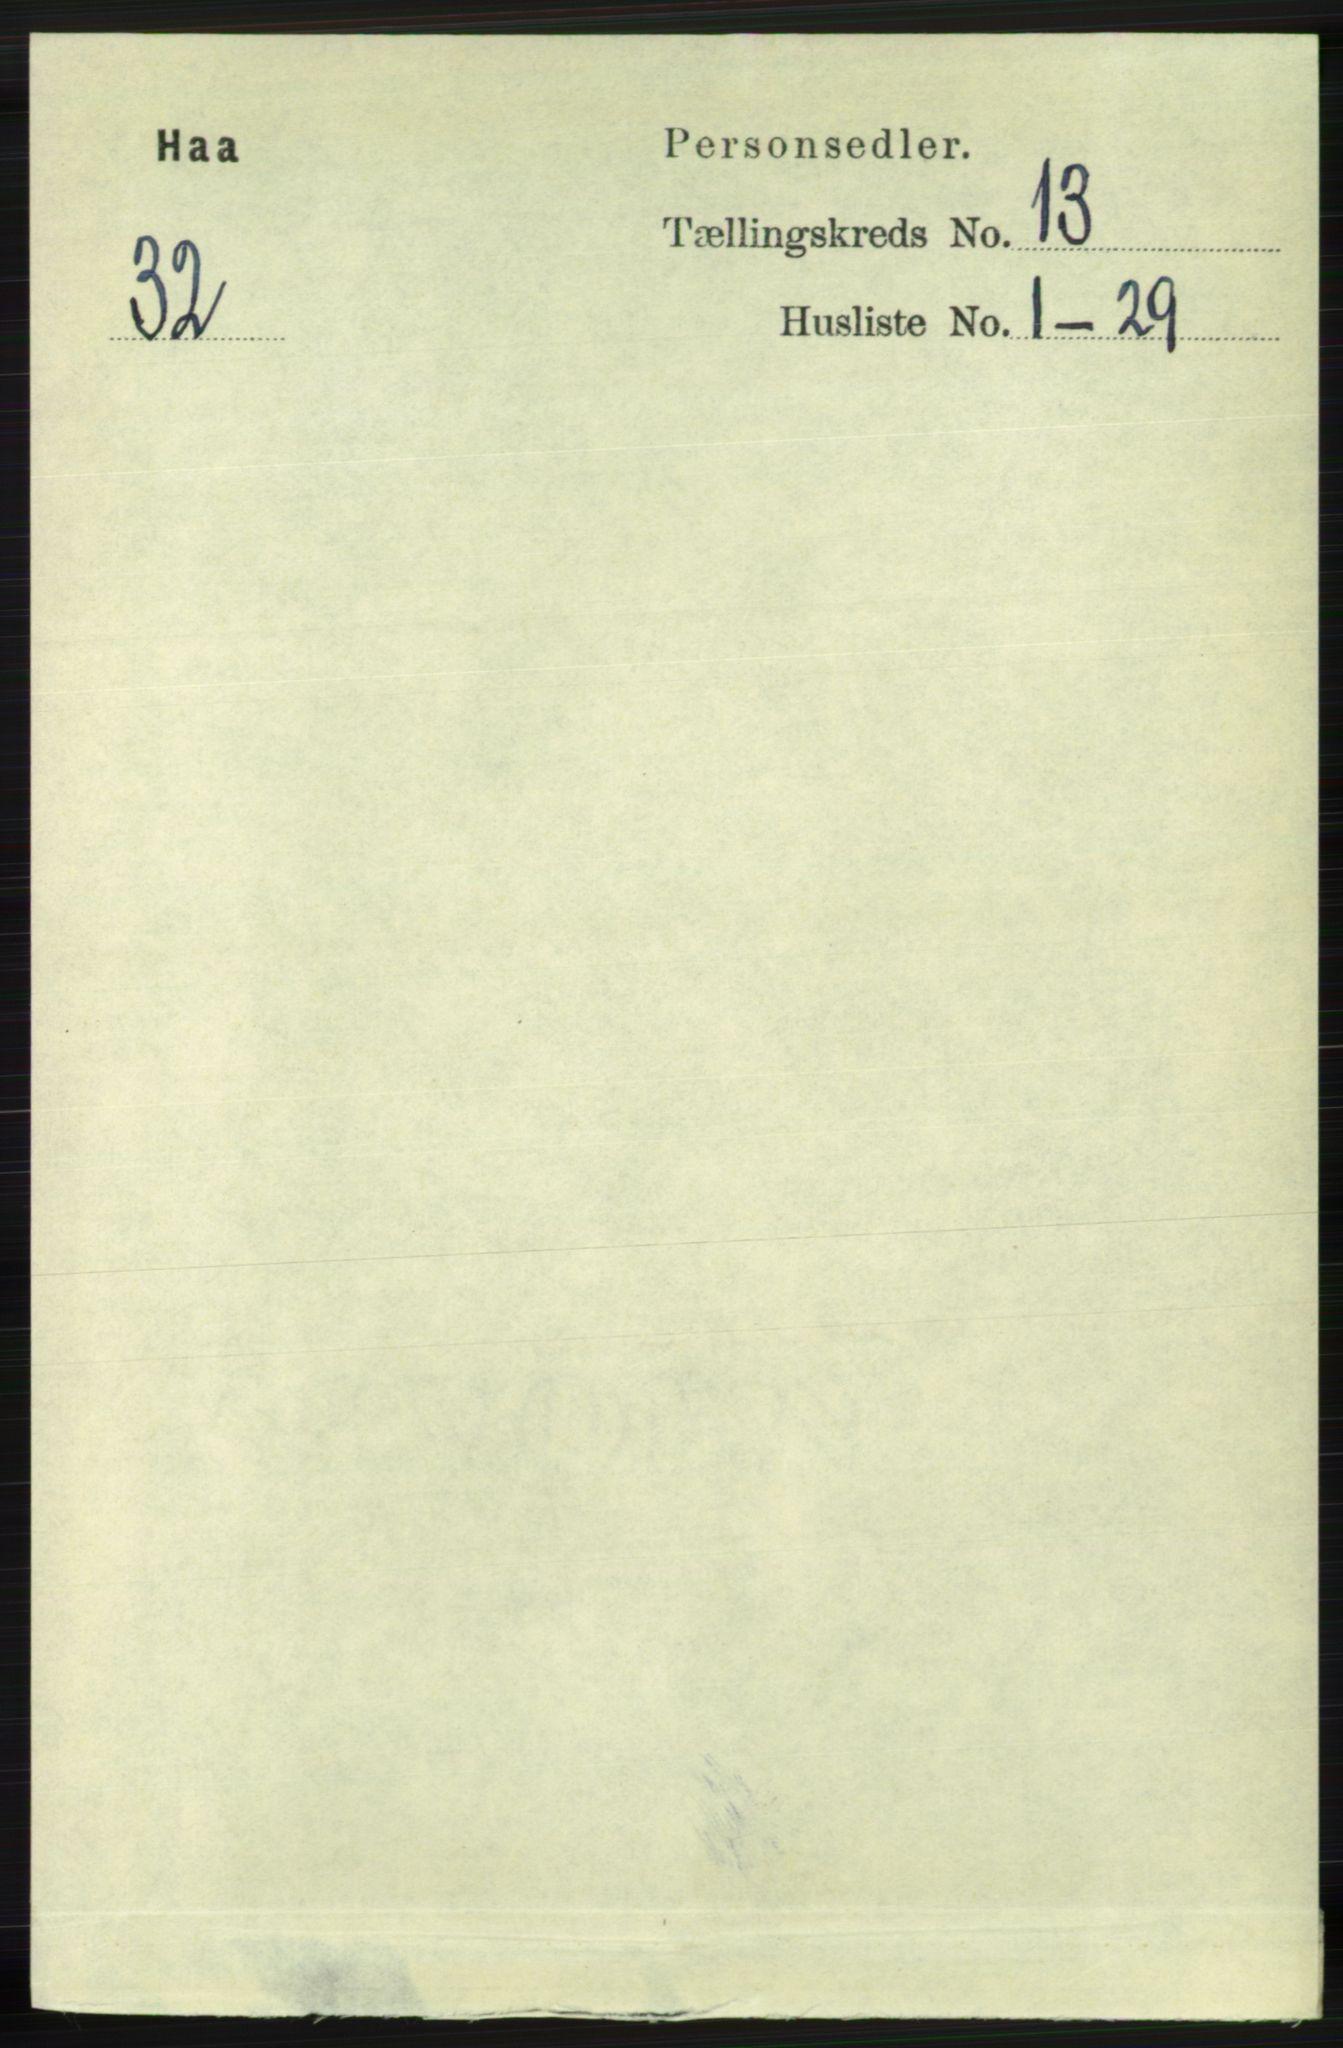 RA, Folketelling 1891 for 1119 Hå herred, 1891, s. 3155